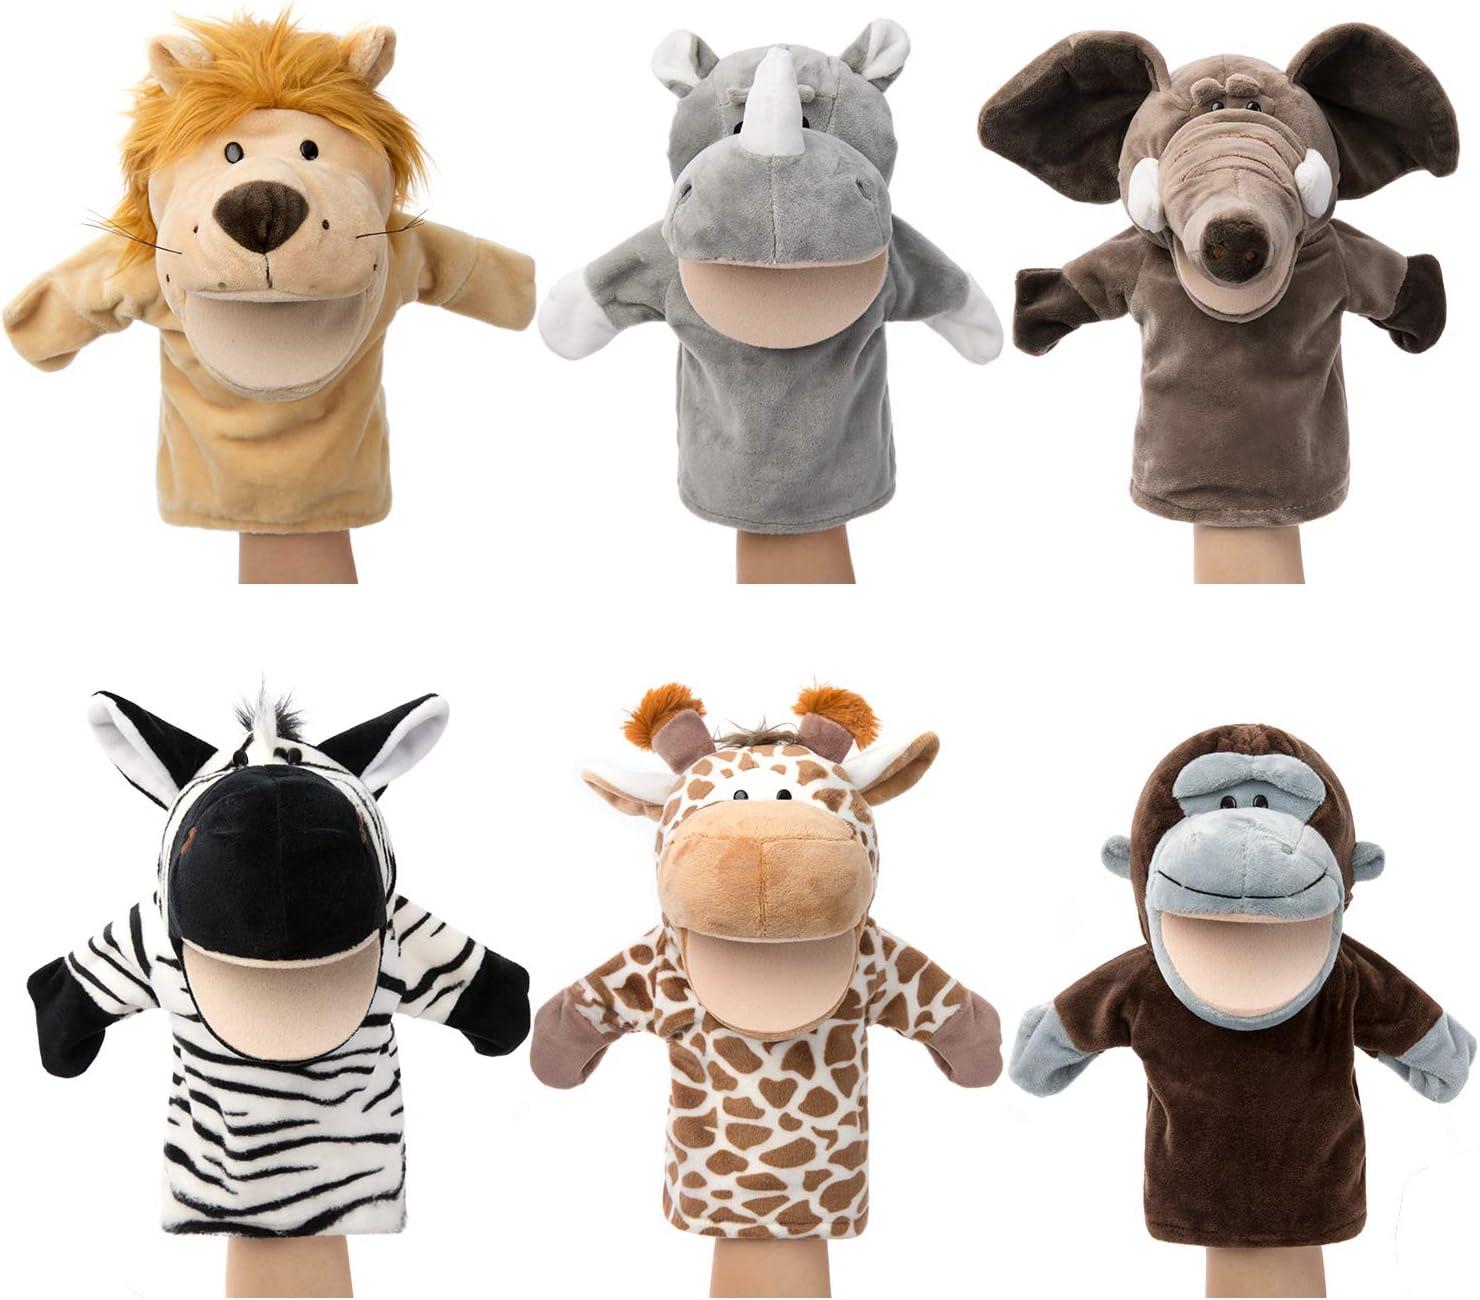 Marionetas de mano de animales Vida salvaje con felpa de boca abierta móvil Juguetes de imaginación Amigos del zoológico perfectos para contar historias, enseñar, preescolar(6 piezas)